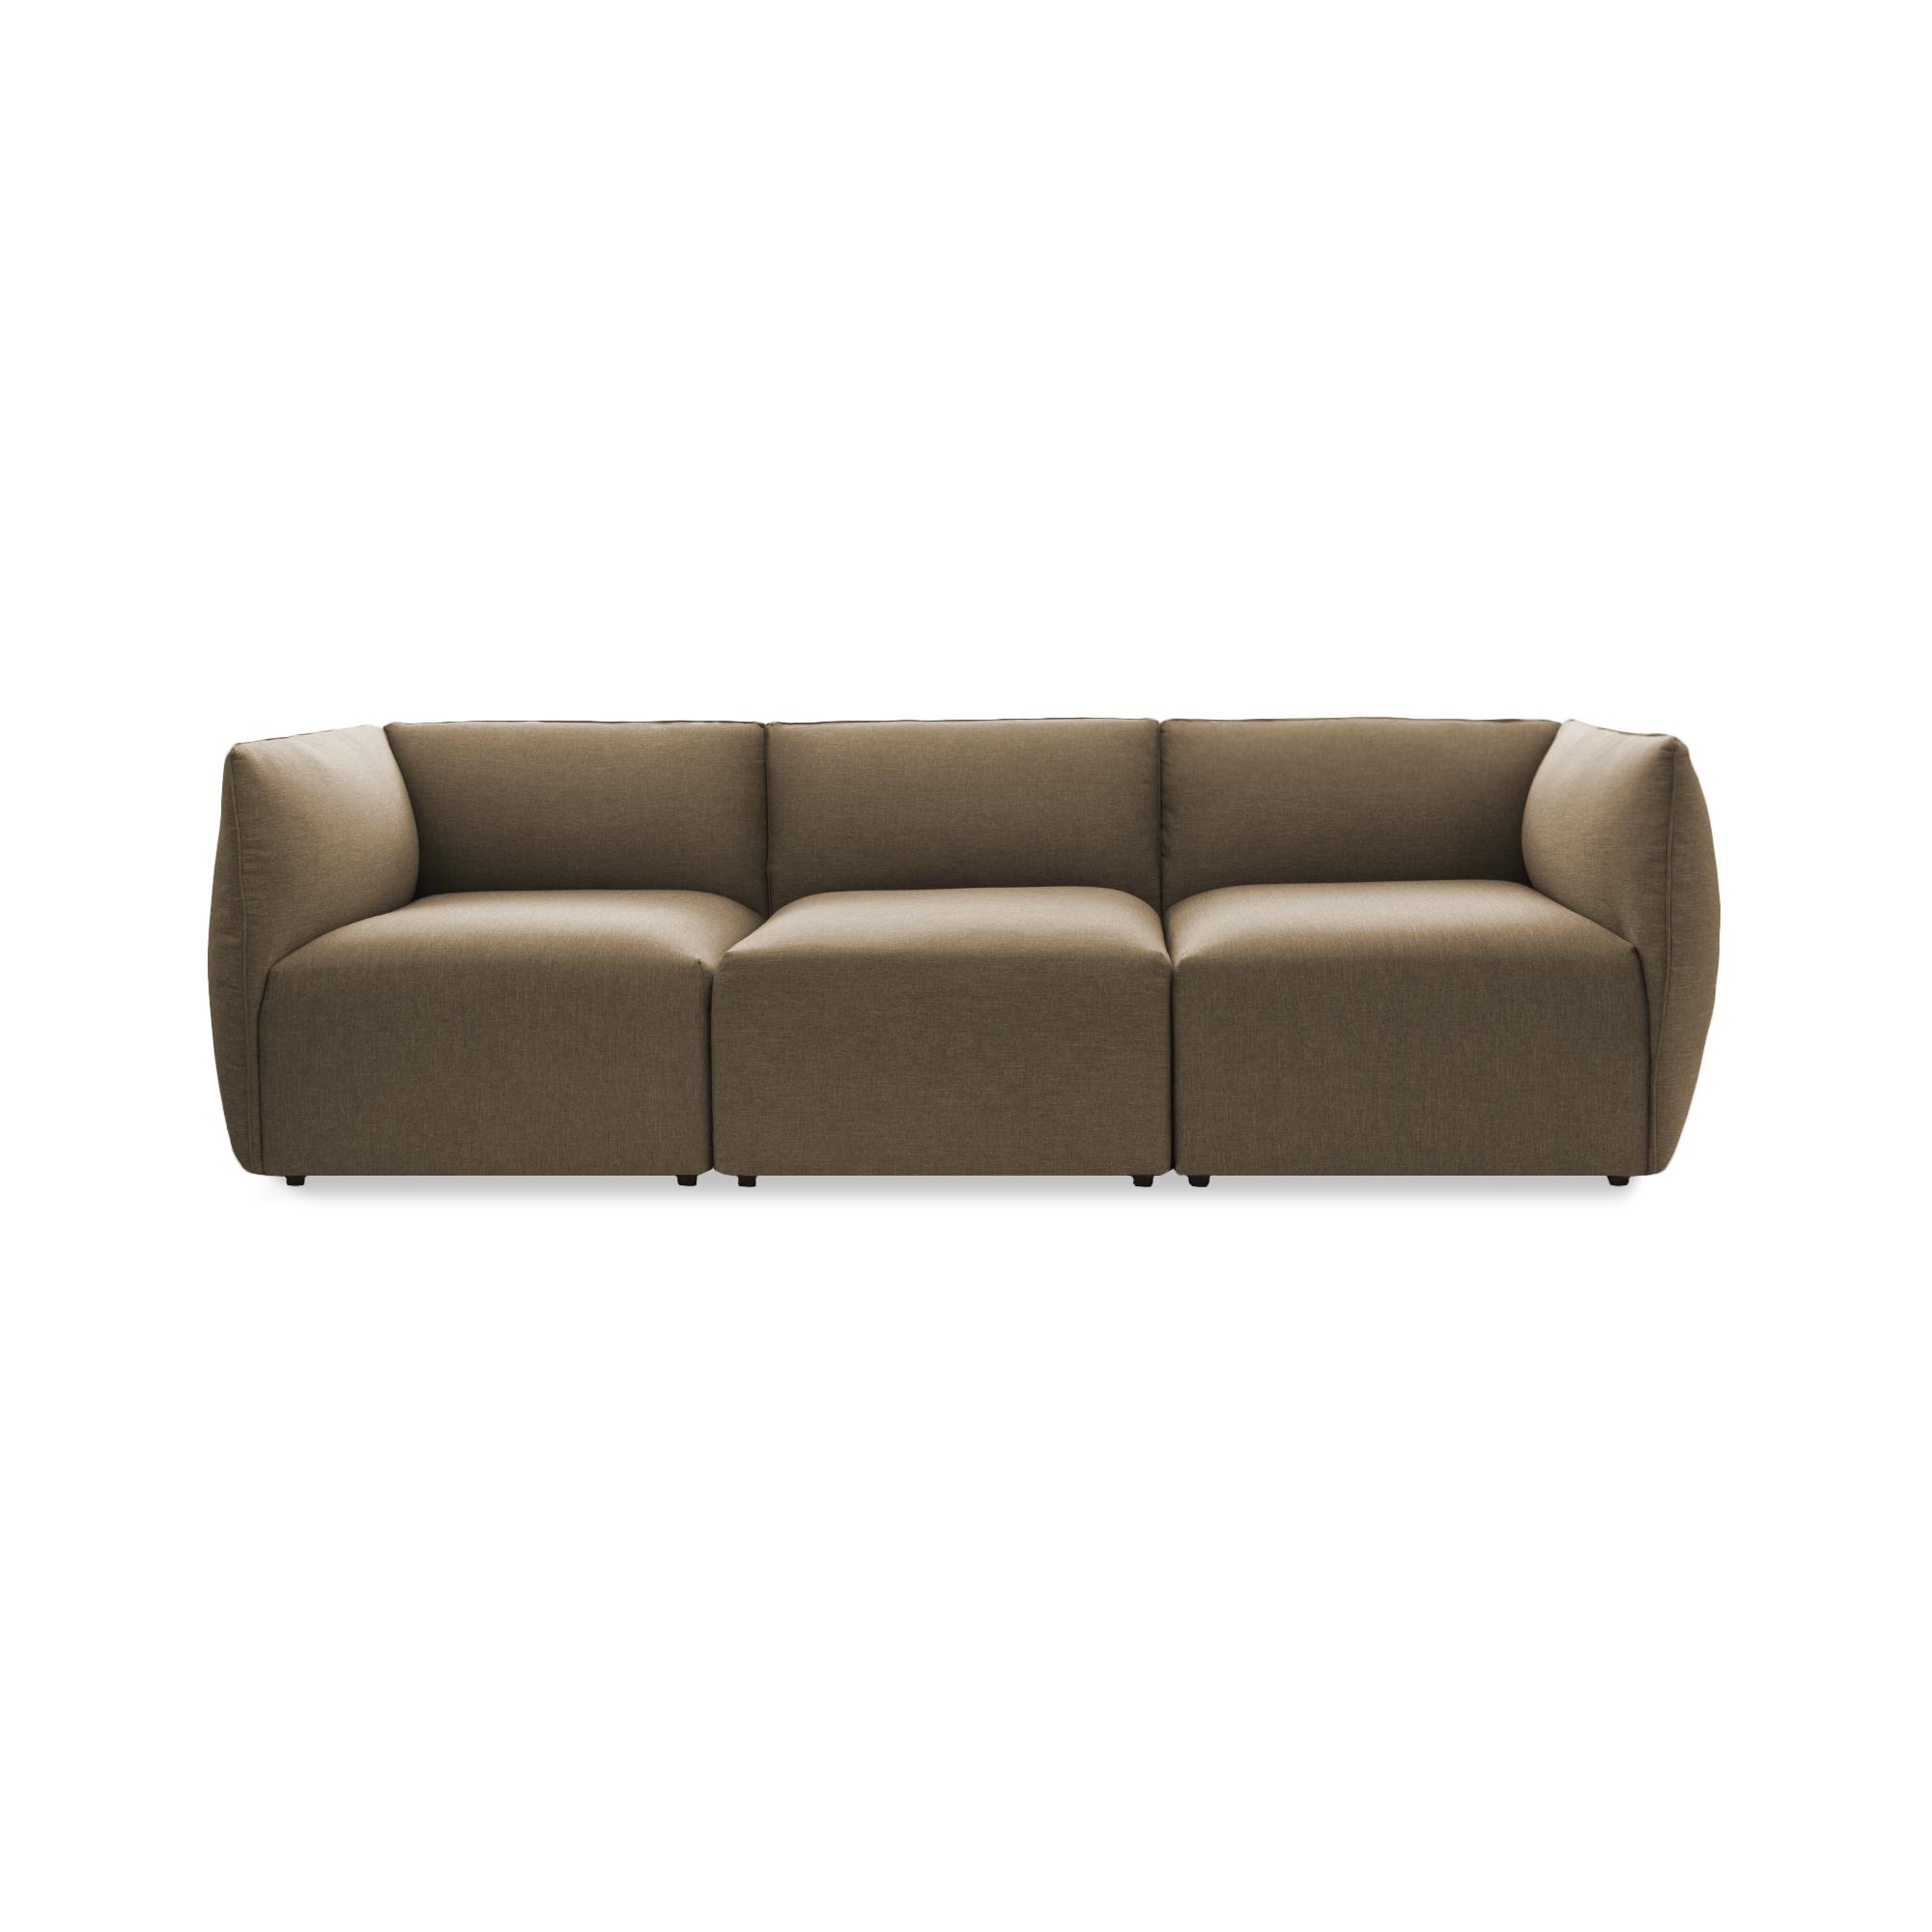 Canapea Fixa 3 locuri Cube Beige